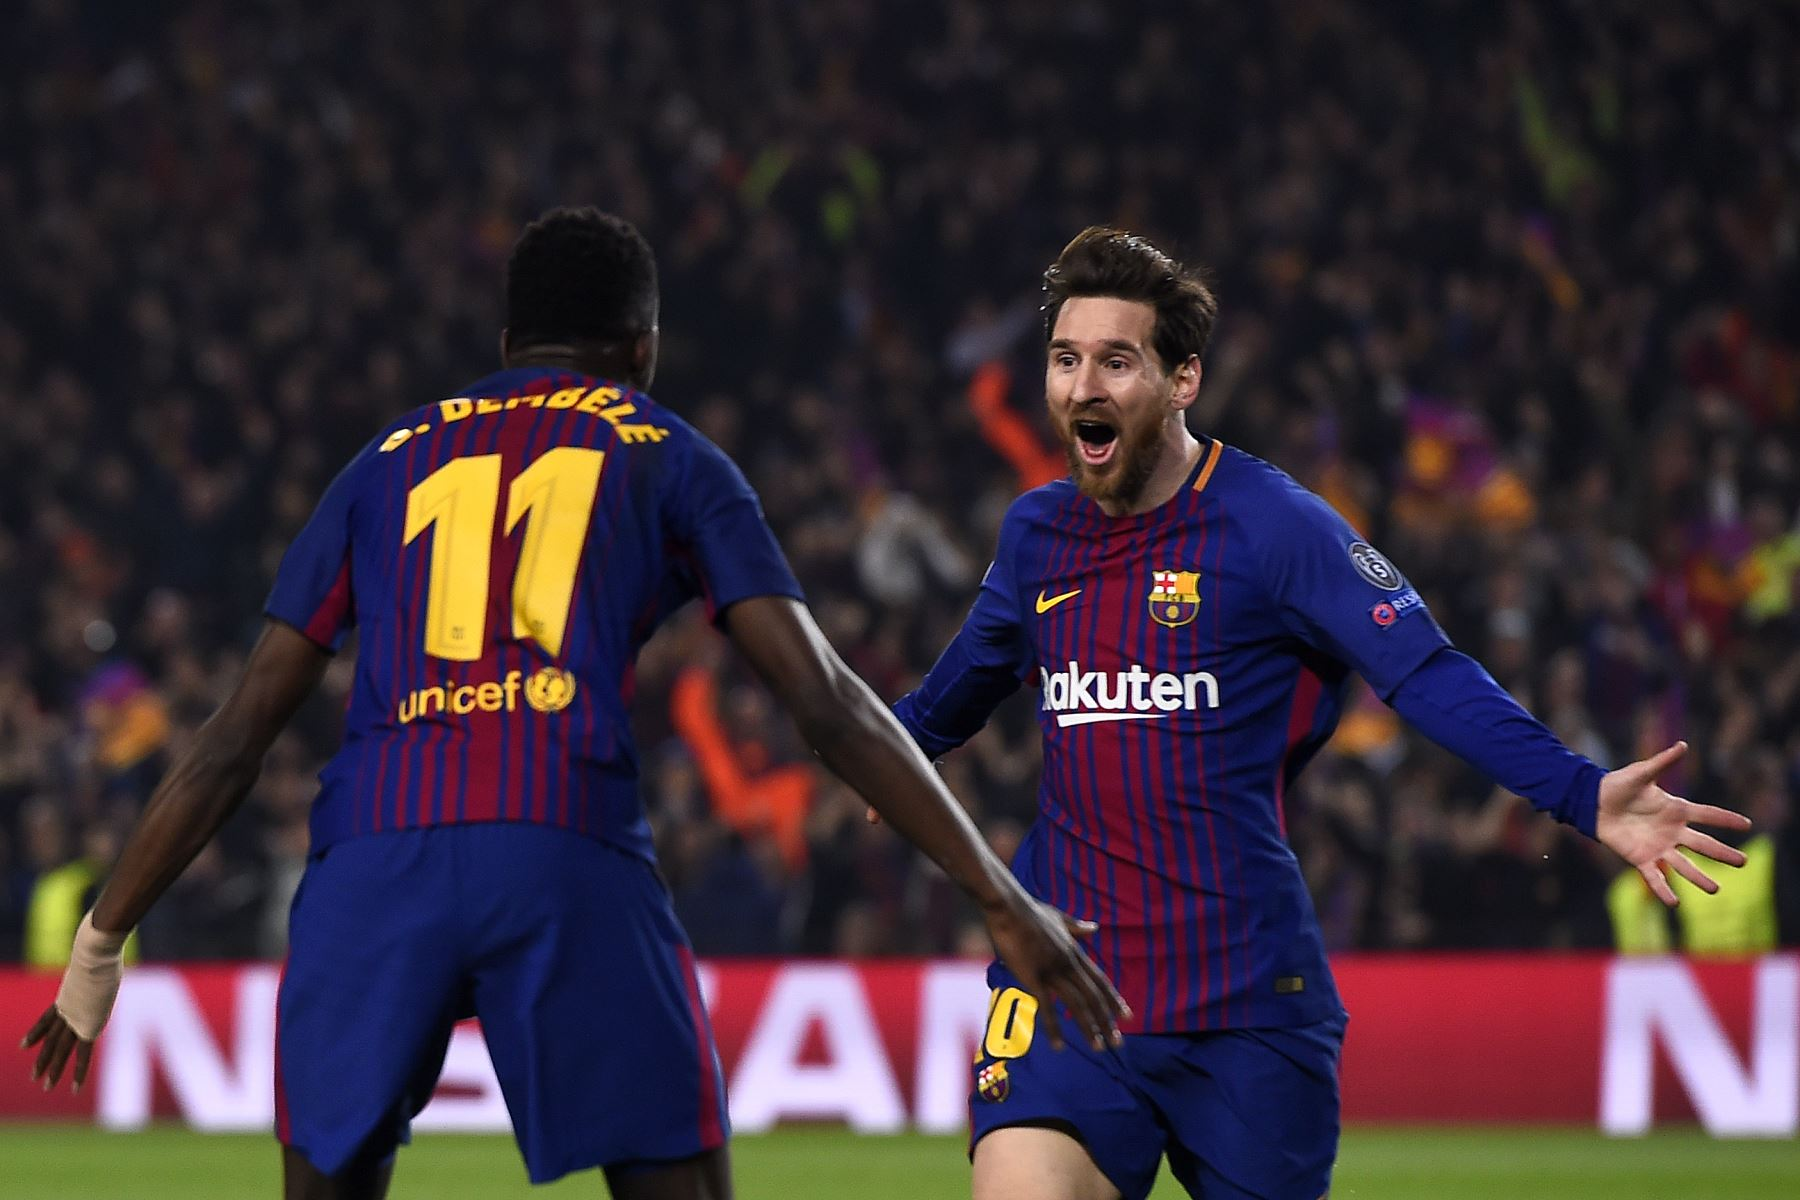 El delantero francés del Barcelona Ousmane Dembele celebra con el delantero argentino Lionel Messi después de anotar un gol en la ronda de dieciséis partidos de fútbol de la UEFA Champions League entre el FC Barcelona y el Chelsea FC en el Camp Nou. Foto: AFP